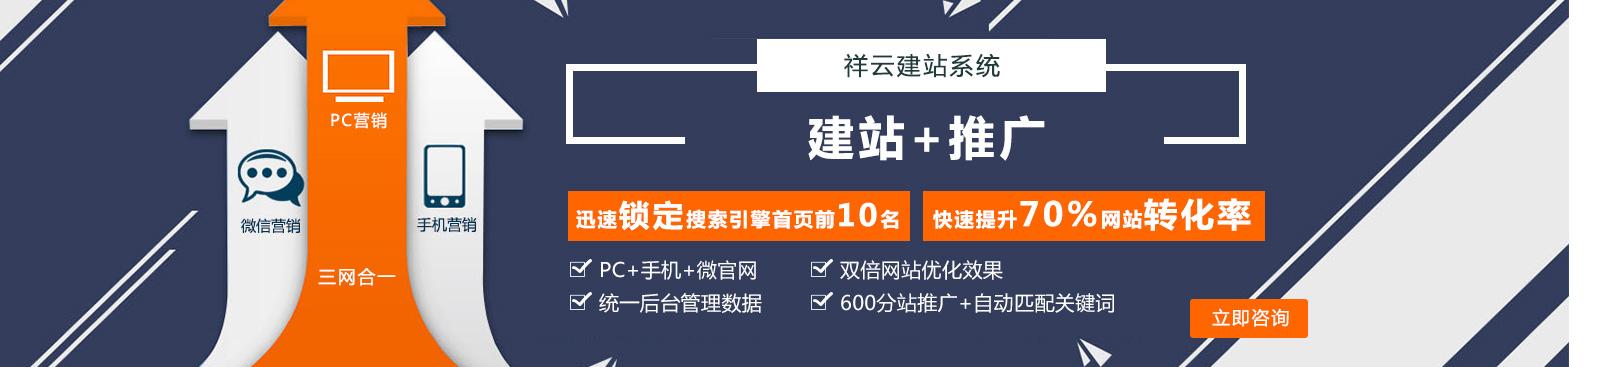 重庆网络推广公司